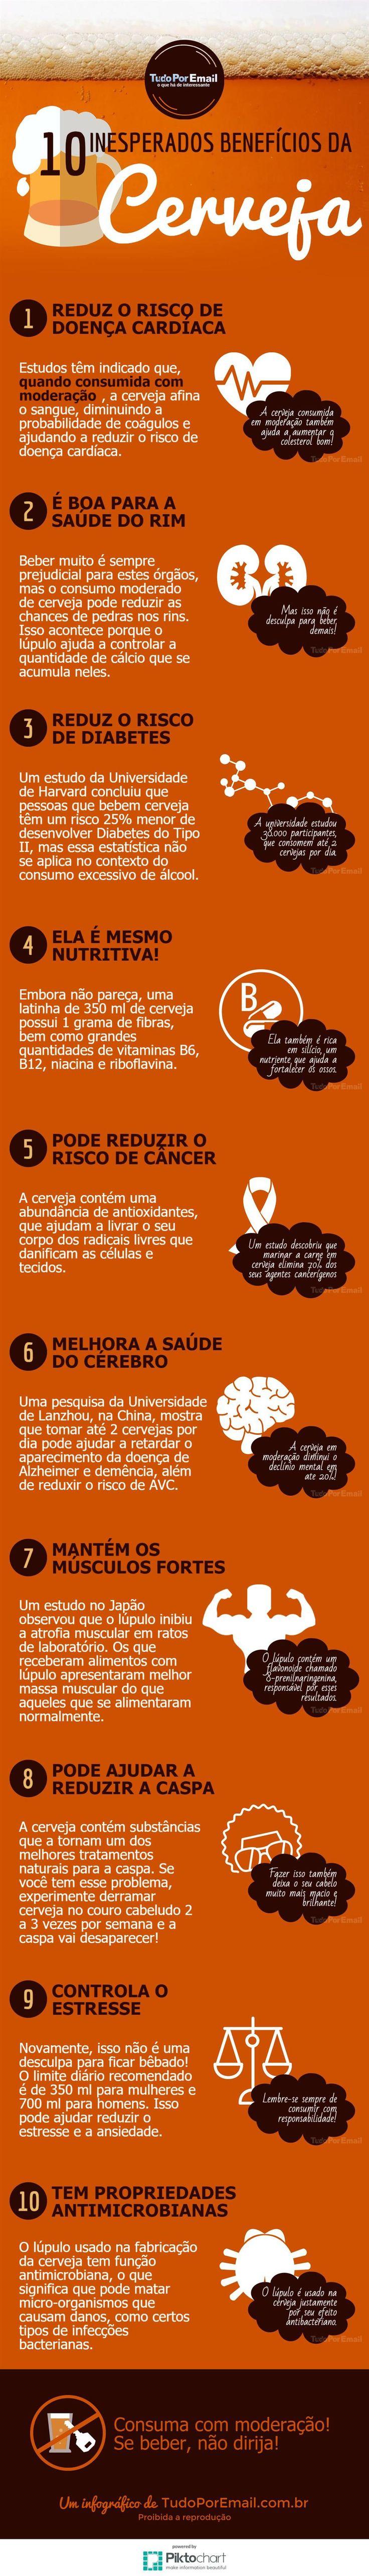 Os Benefícios da Cerveja Para a Saúde | Saúde - TudoPorEmail